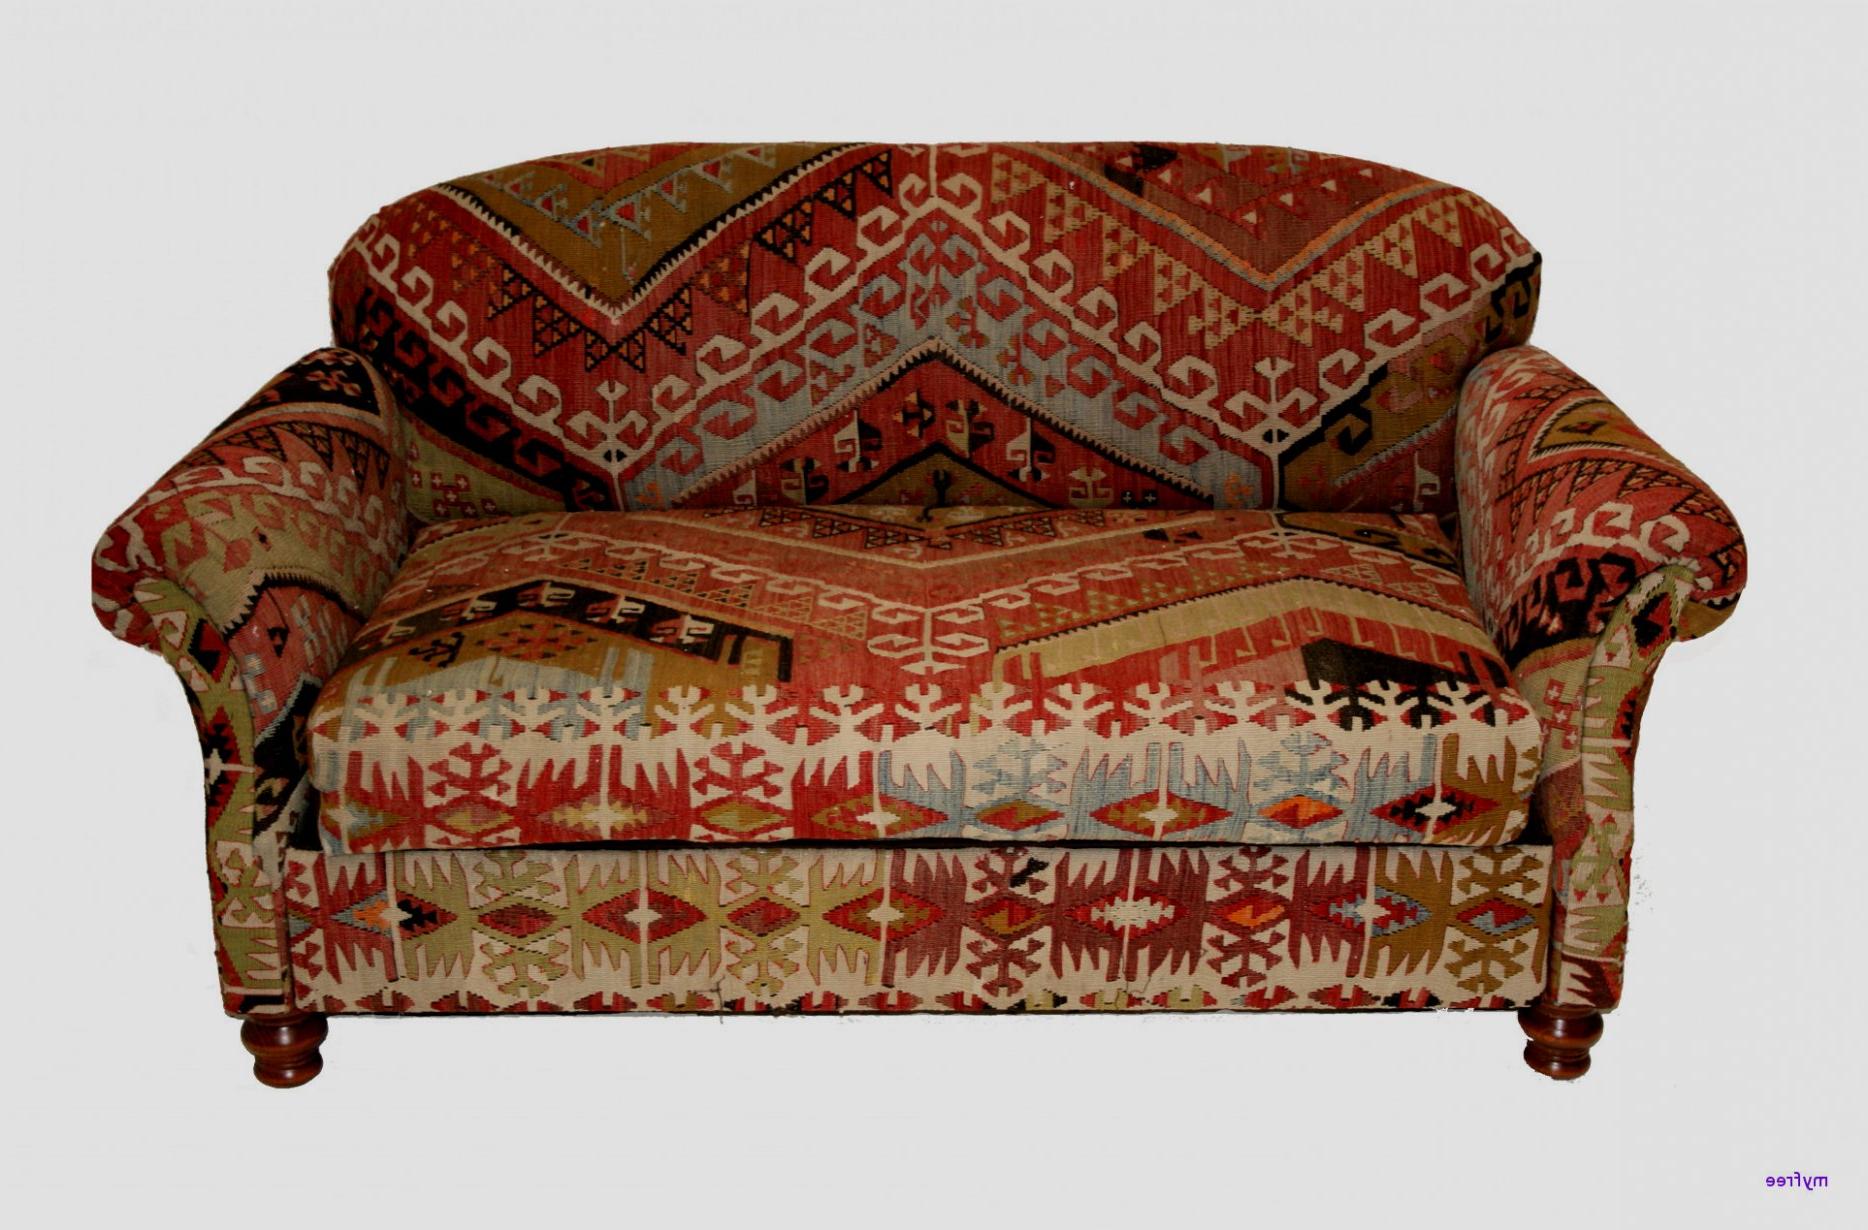 Fundas sofa Ajustables Carrefour Budm Sillon orejero Barato Famoso 33 Contemporà Nea sofa Cama Barato